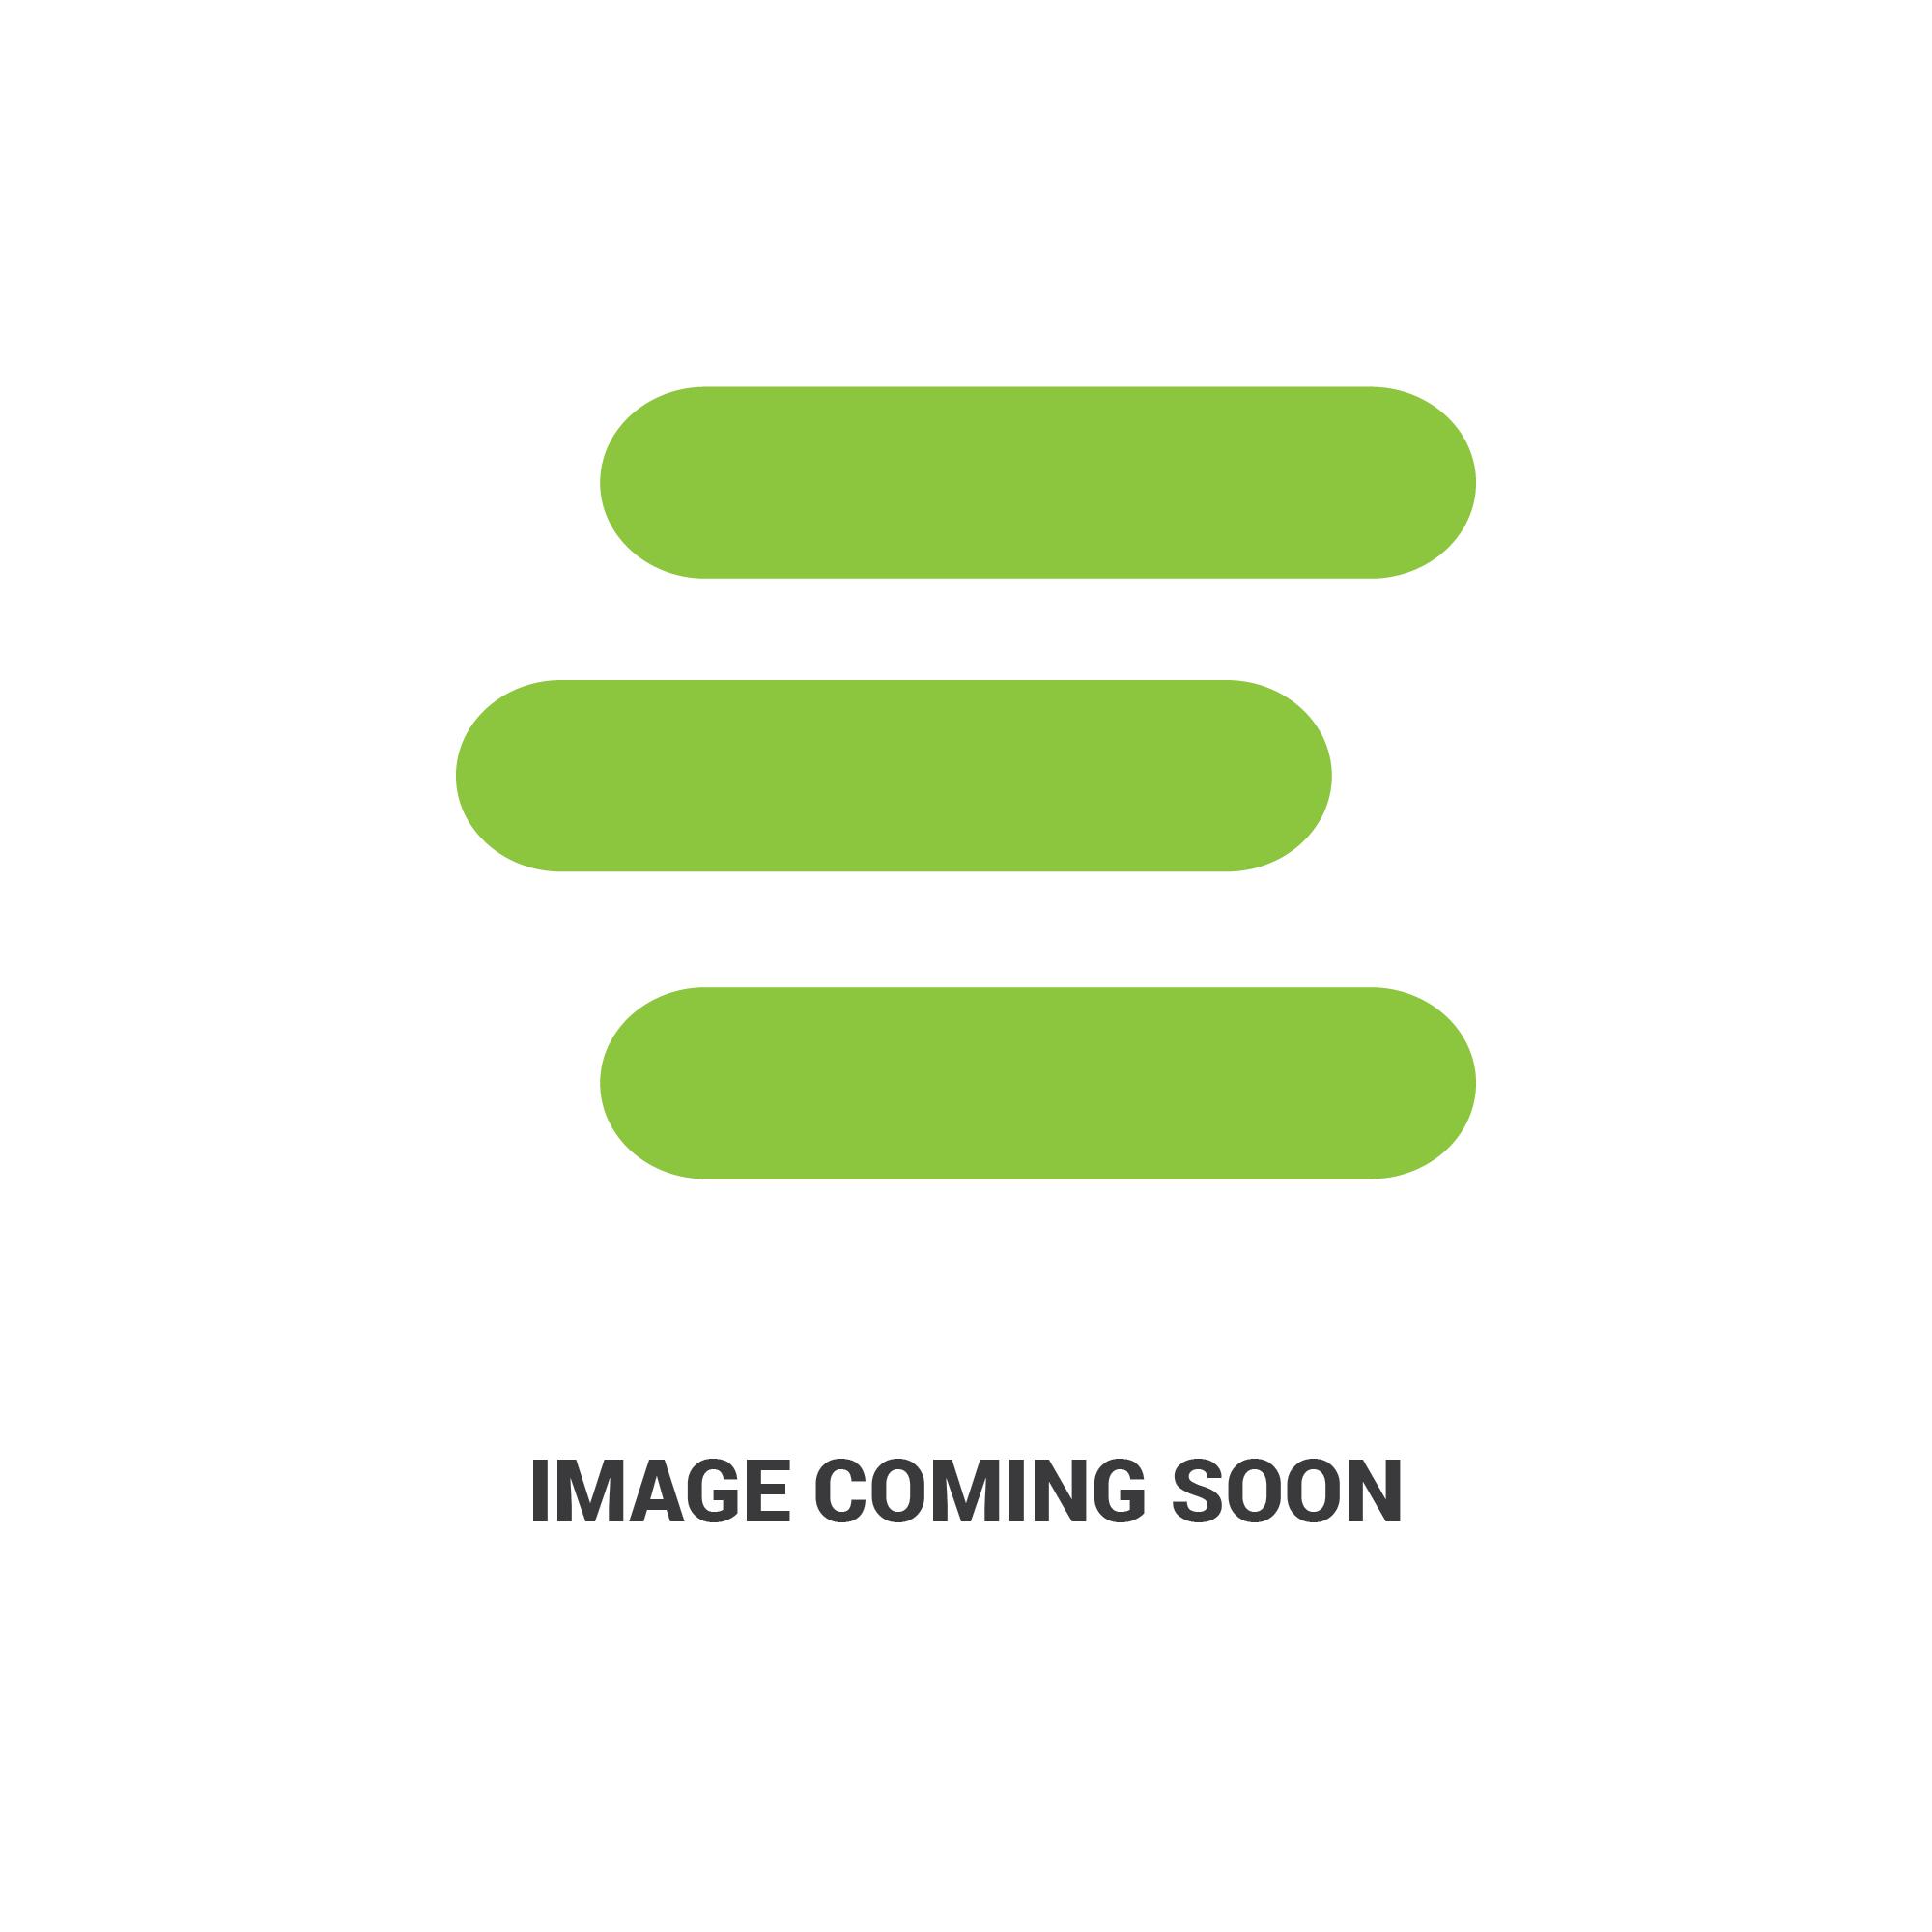 E-BE003edit 2.jpg